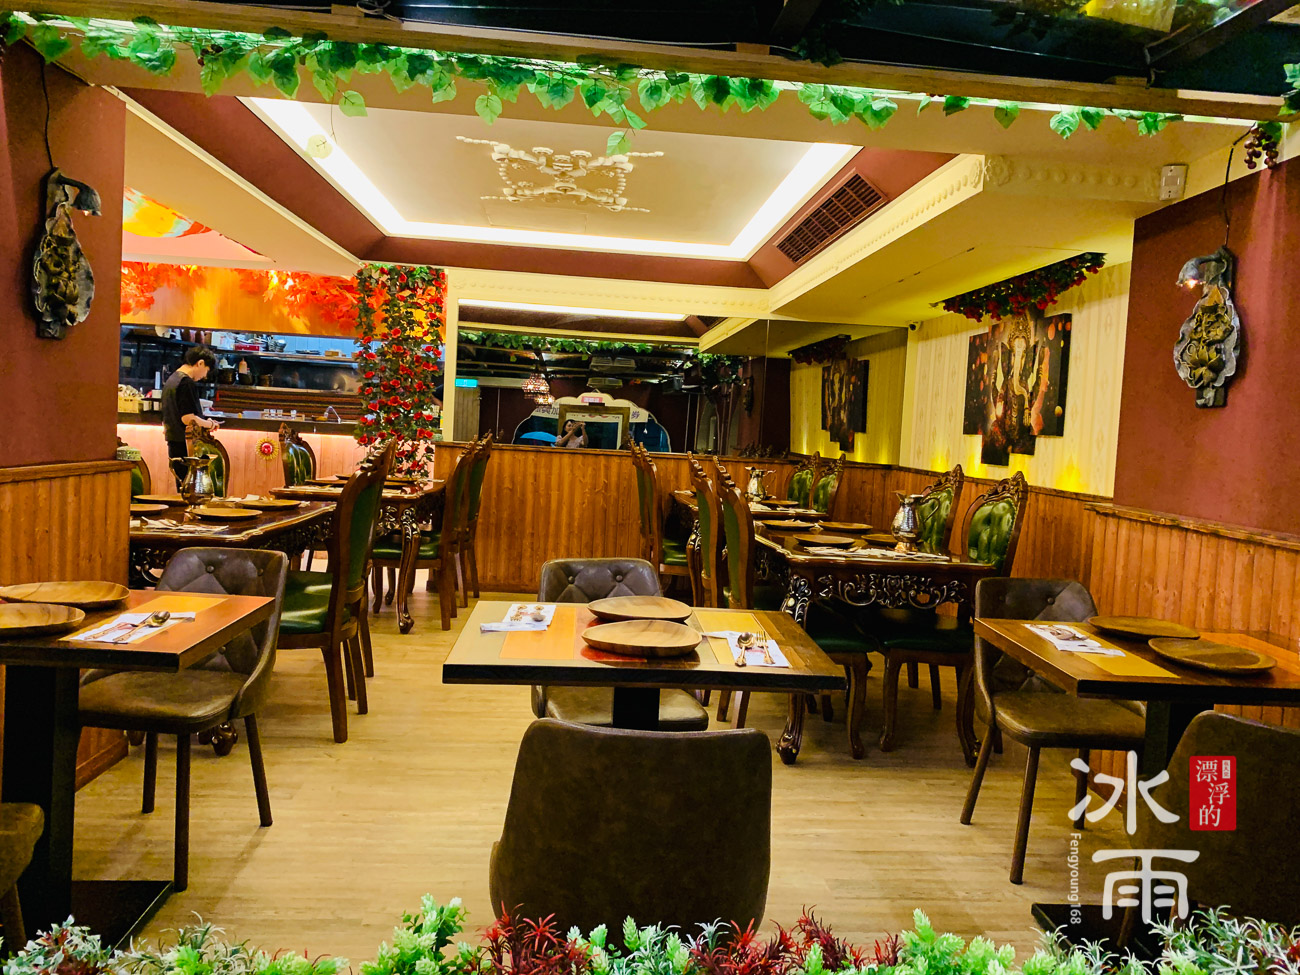 印渡風情|印度料理餐廳|內部用餐區